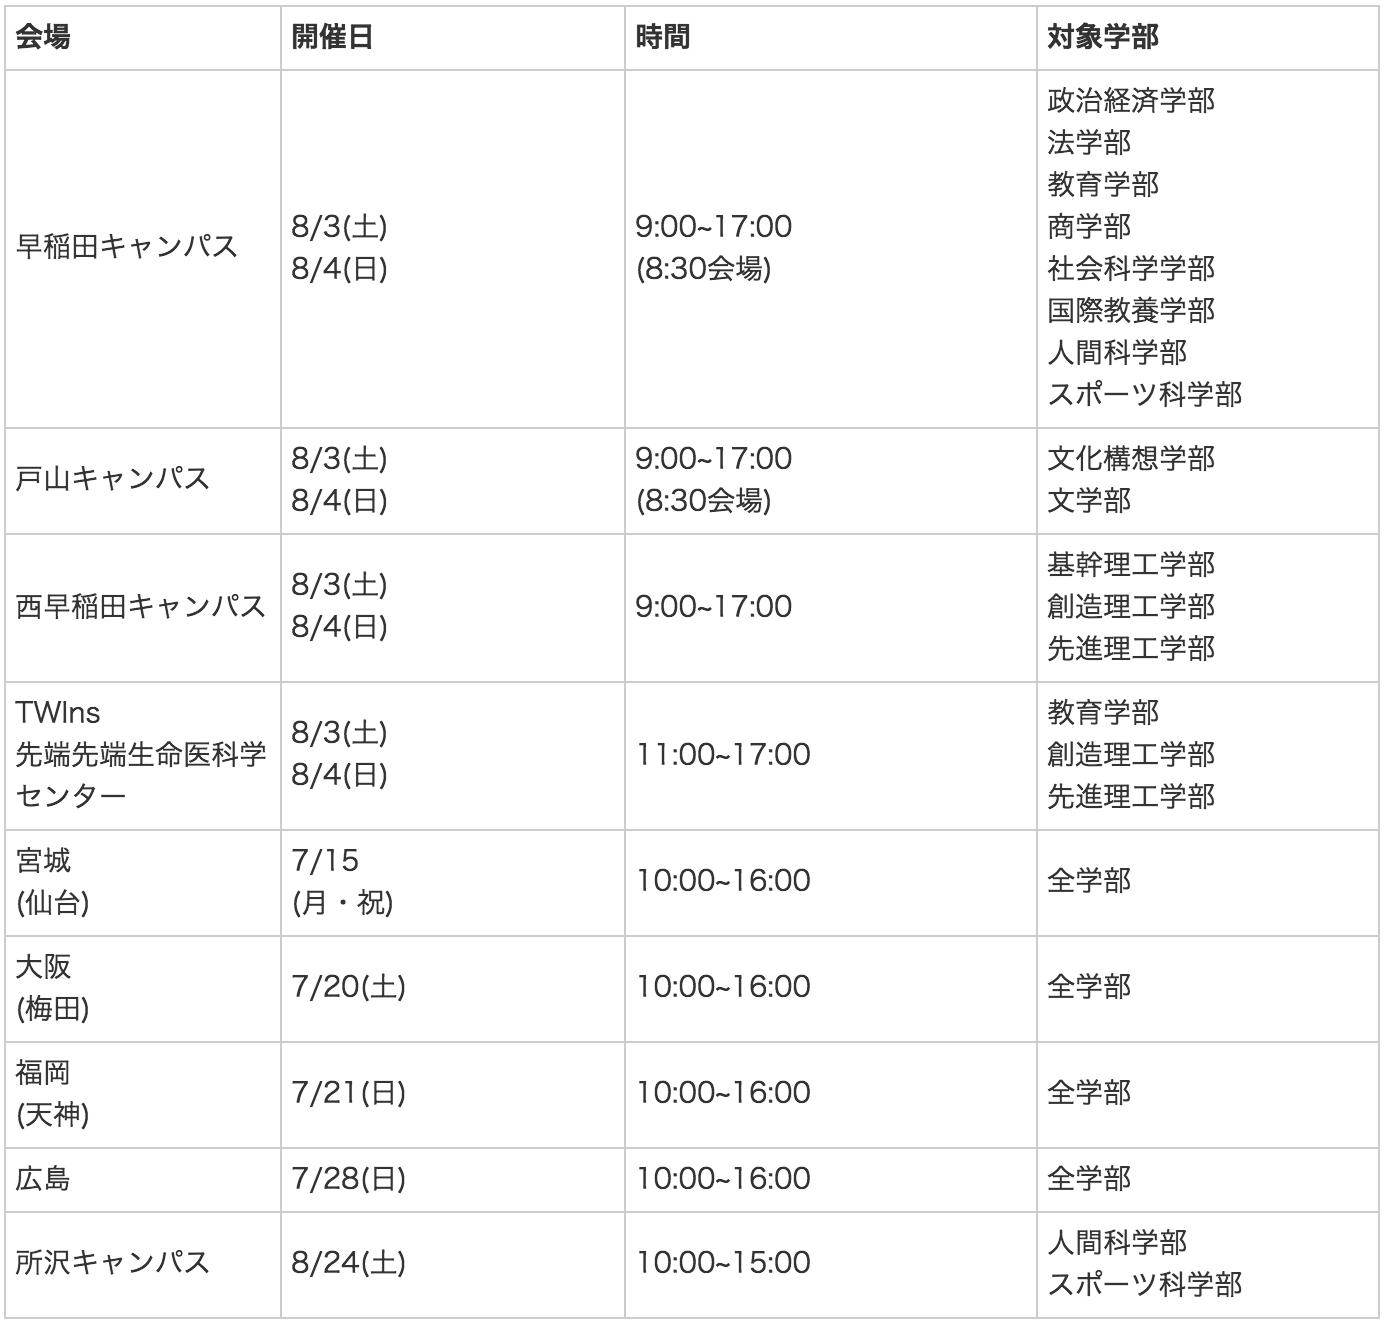 早稲田大学オープンキャンパス日程(2019年版)